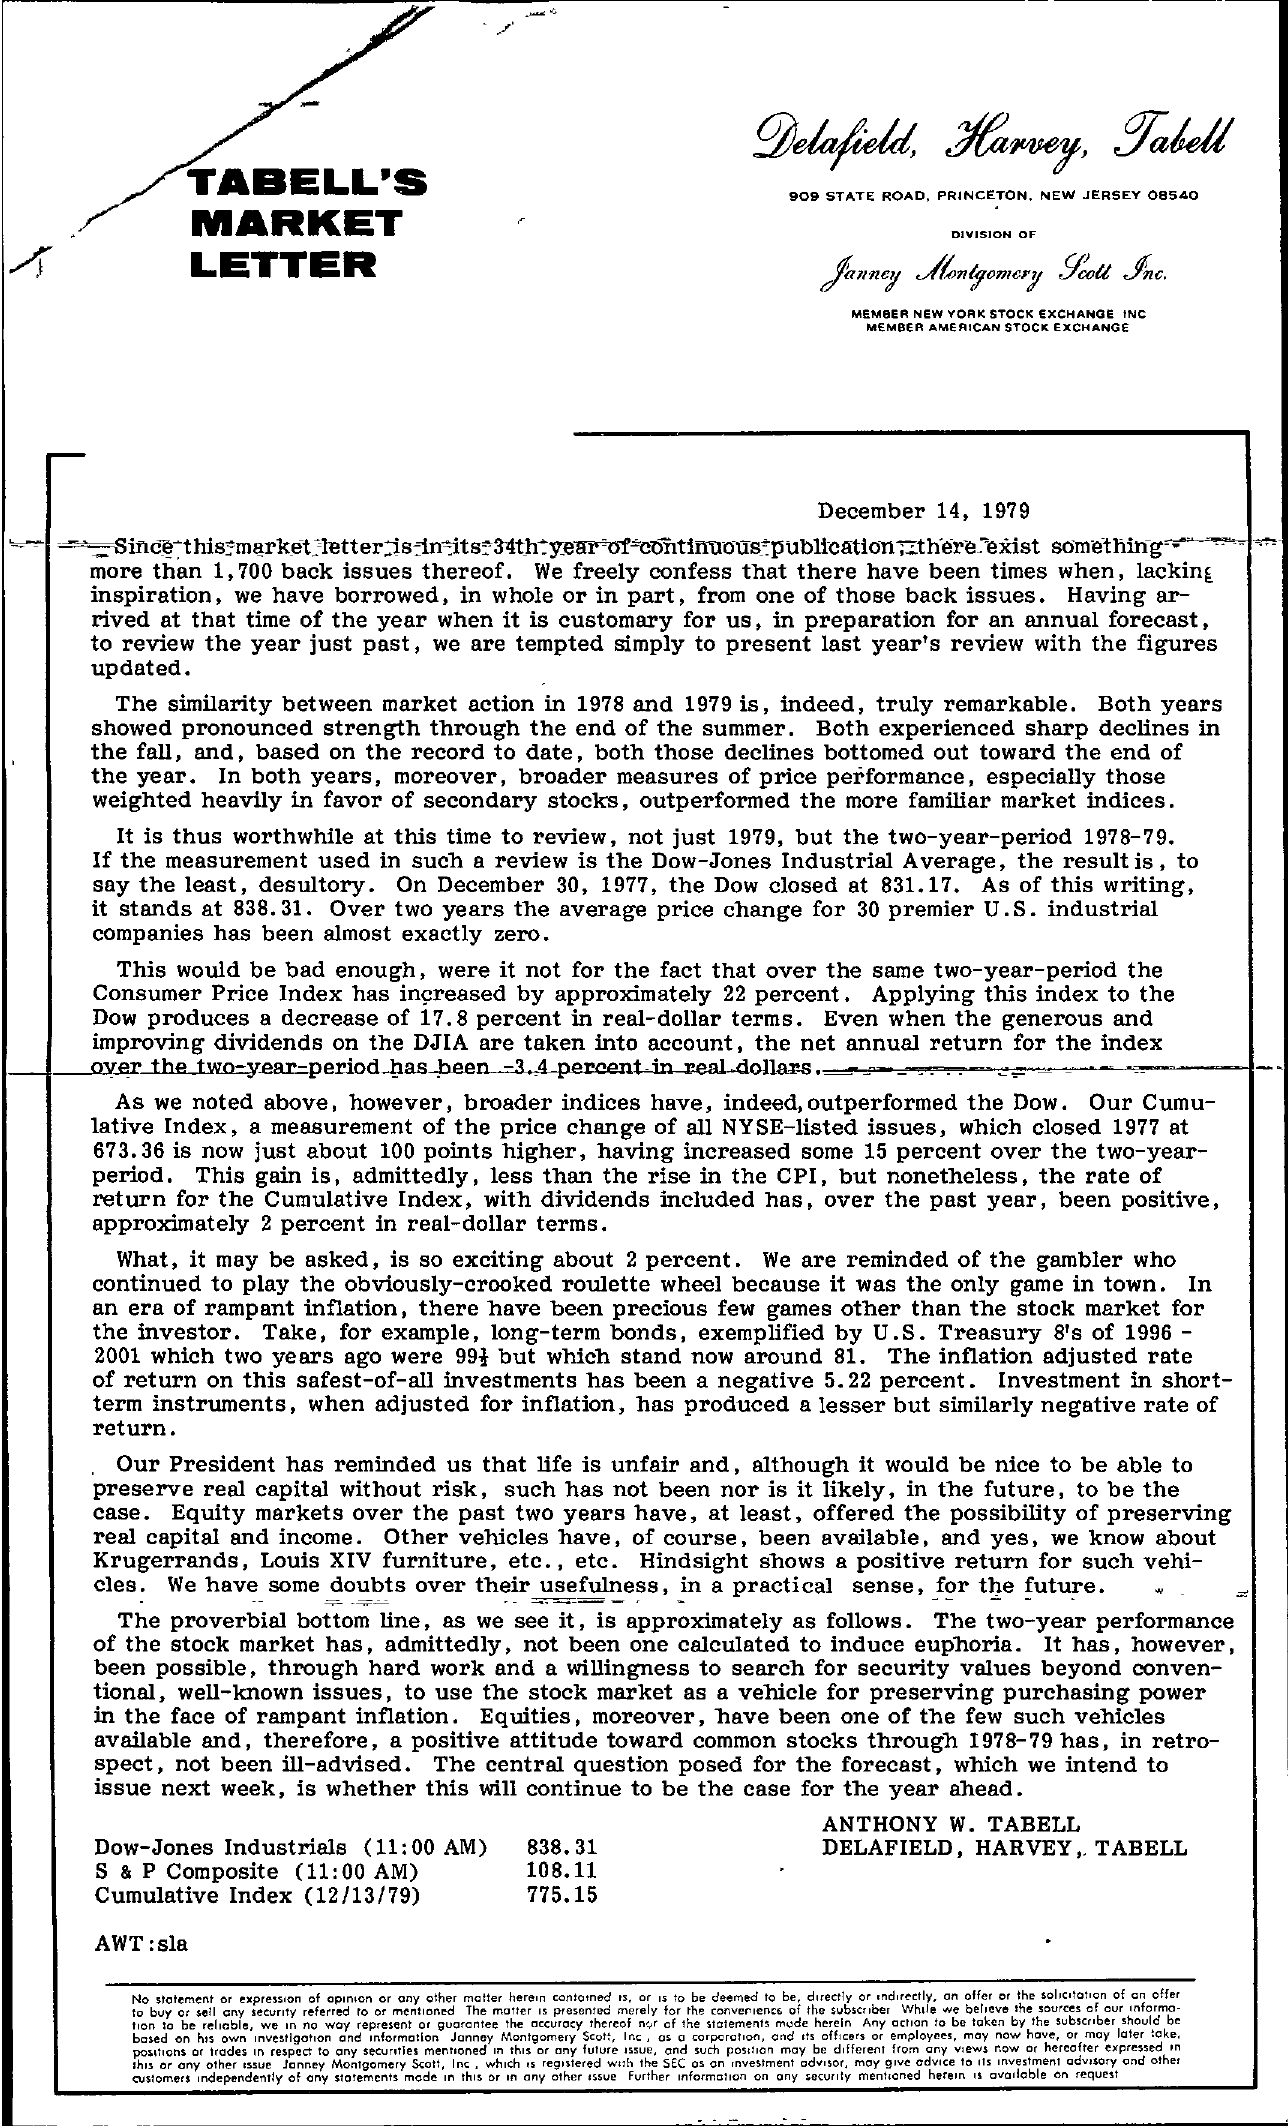 Tabell's Market Letter - December 14, 1979